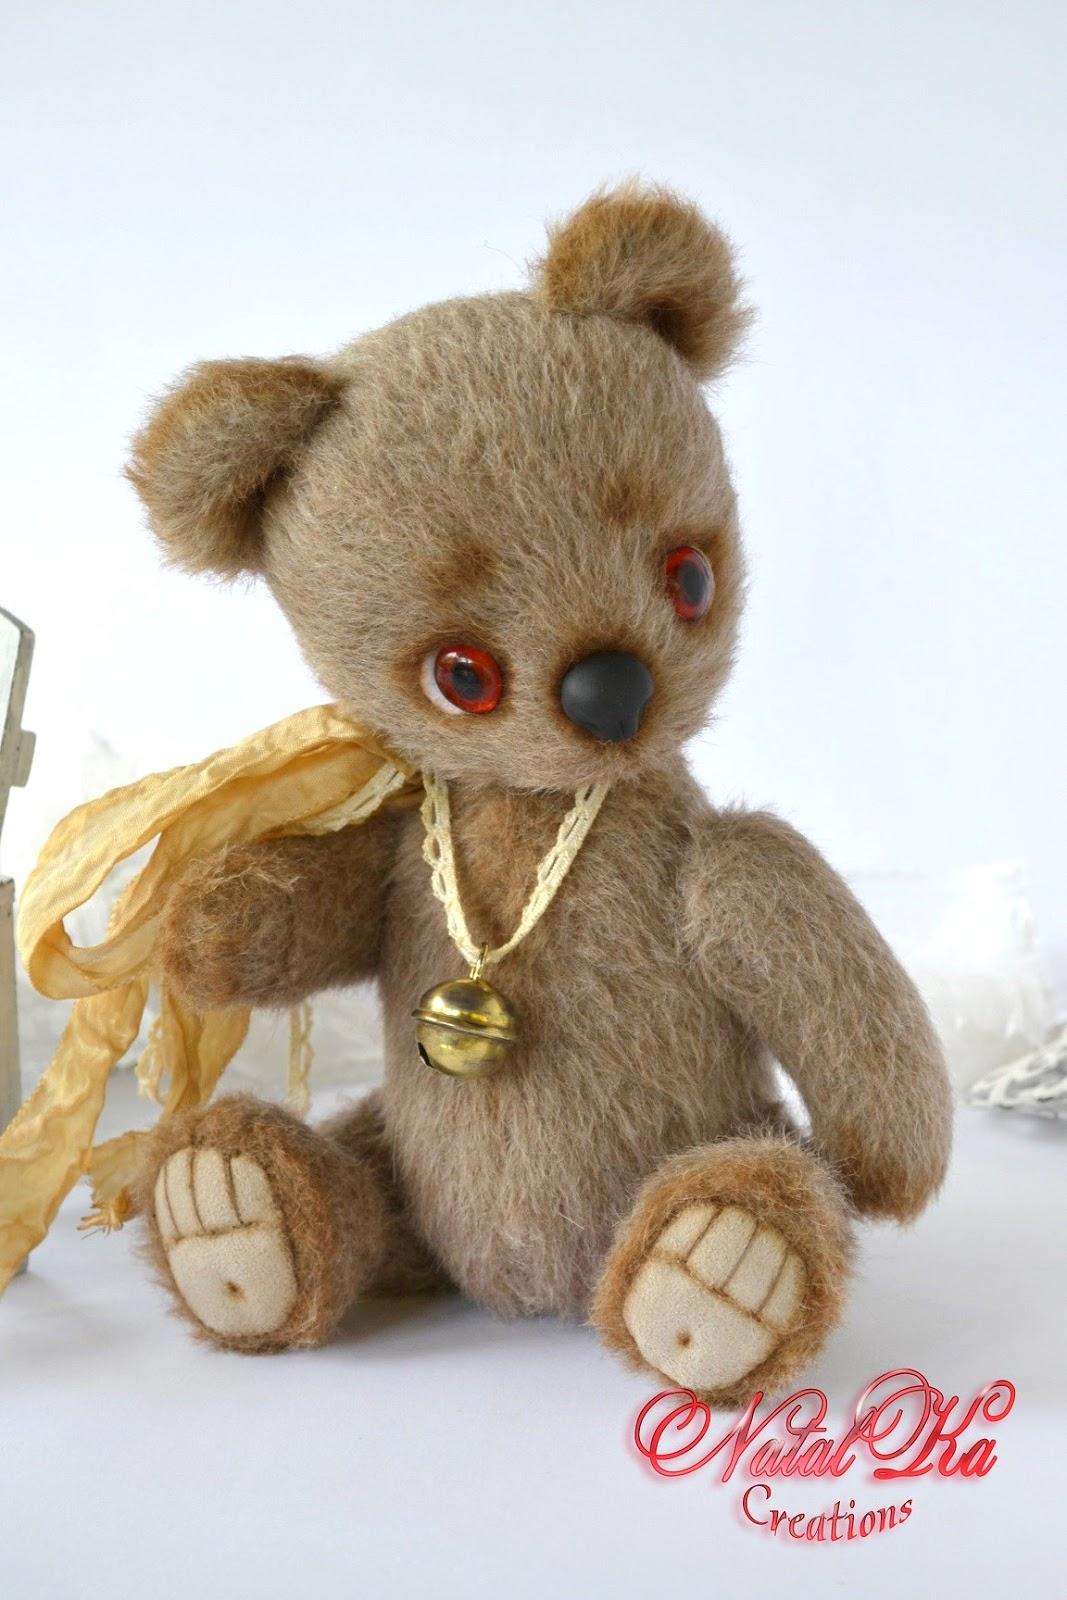 Künstlerbär Bär Sammlerbär  Teddybär Teddy handgemacht von NatalKa Creations. Artist teddy bear teddy bear ooak handmade by NatalKa Creations